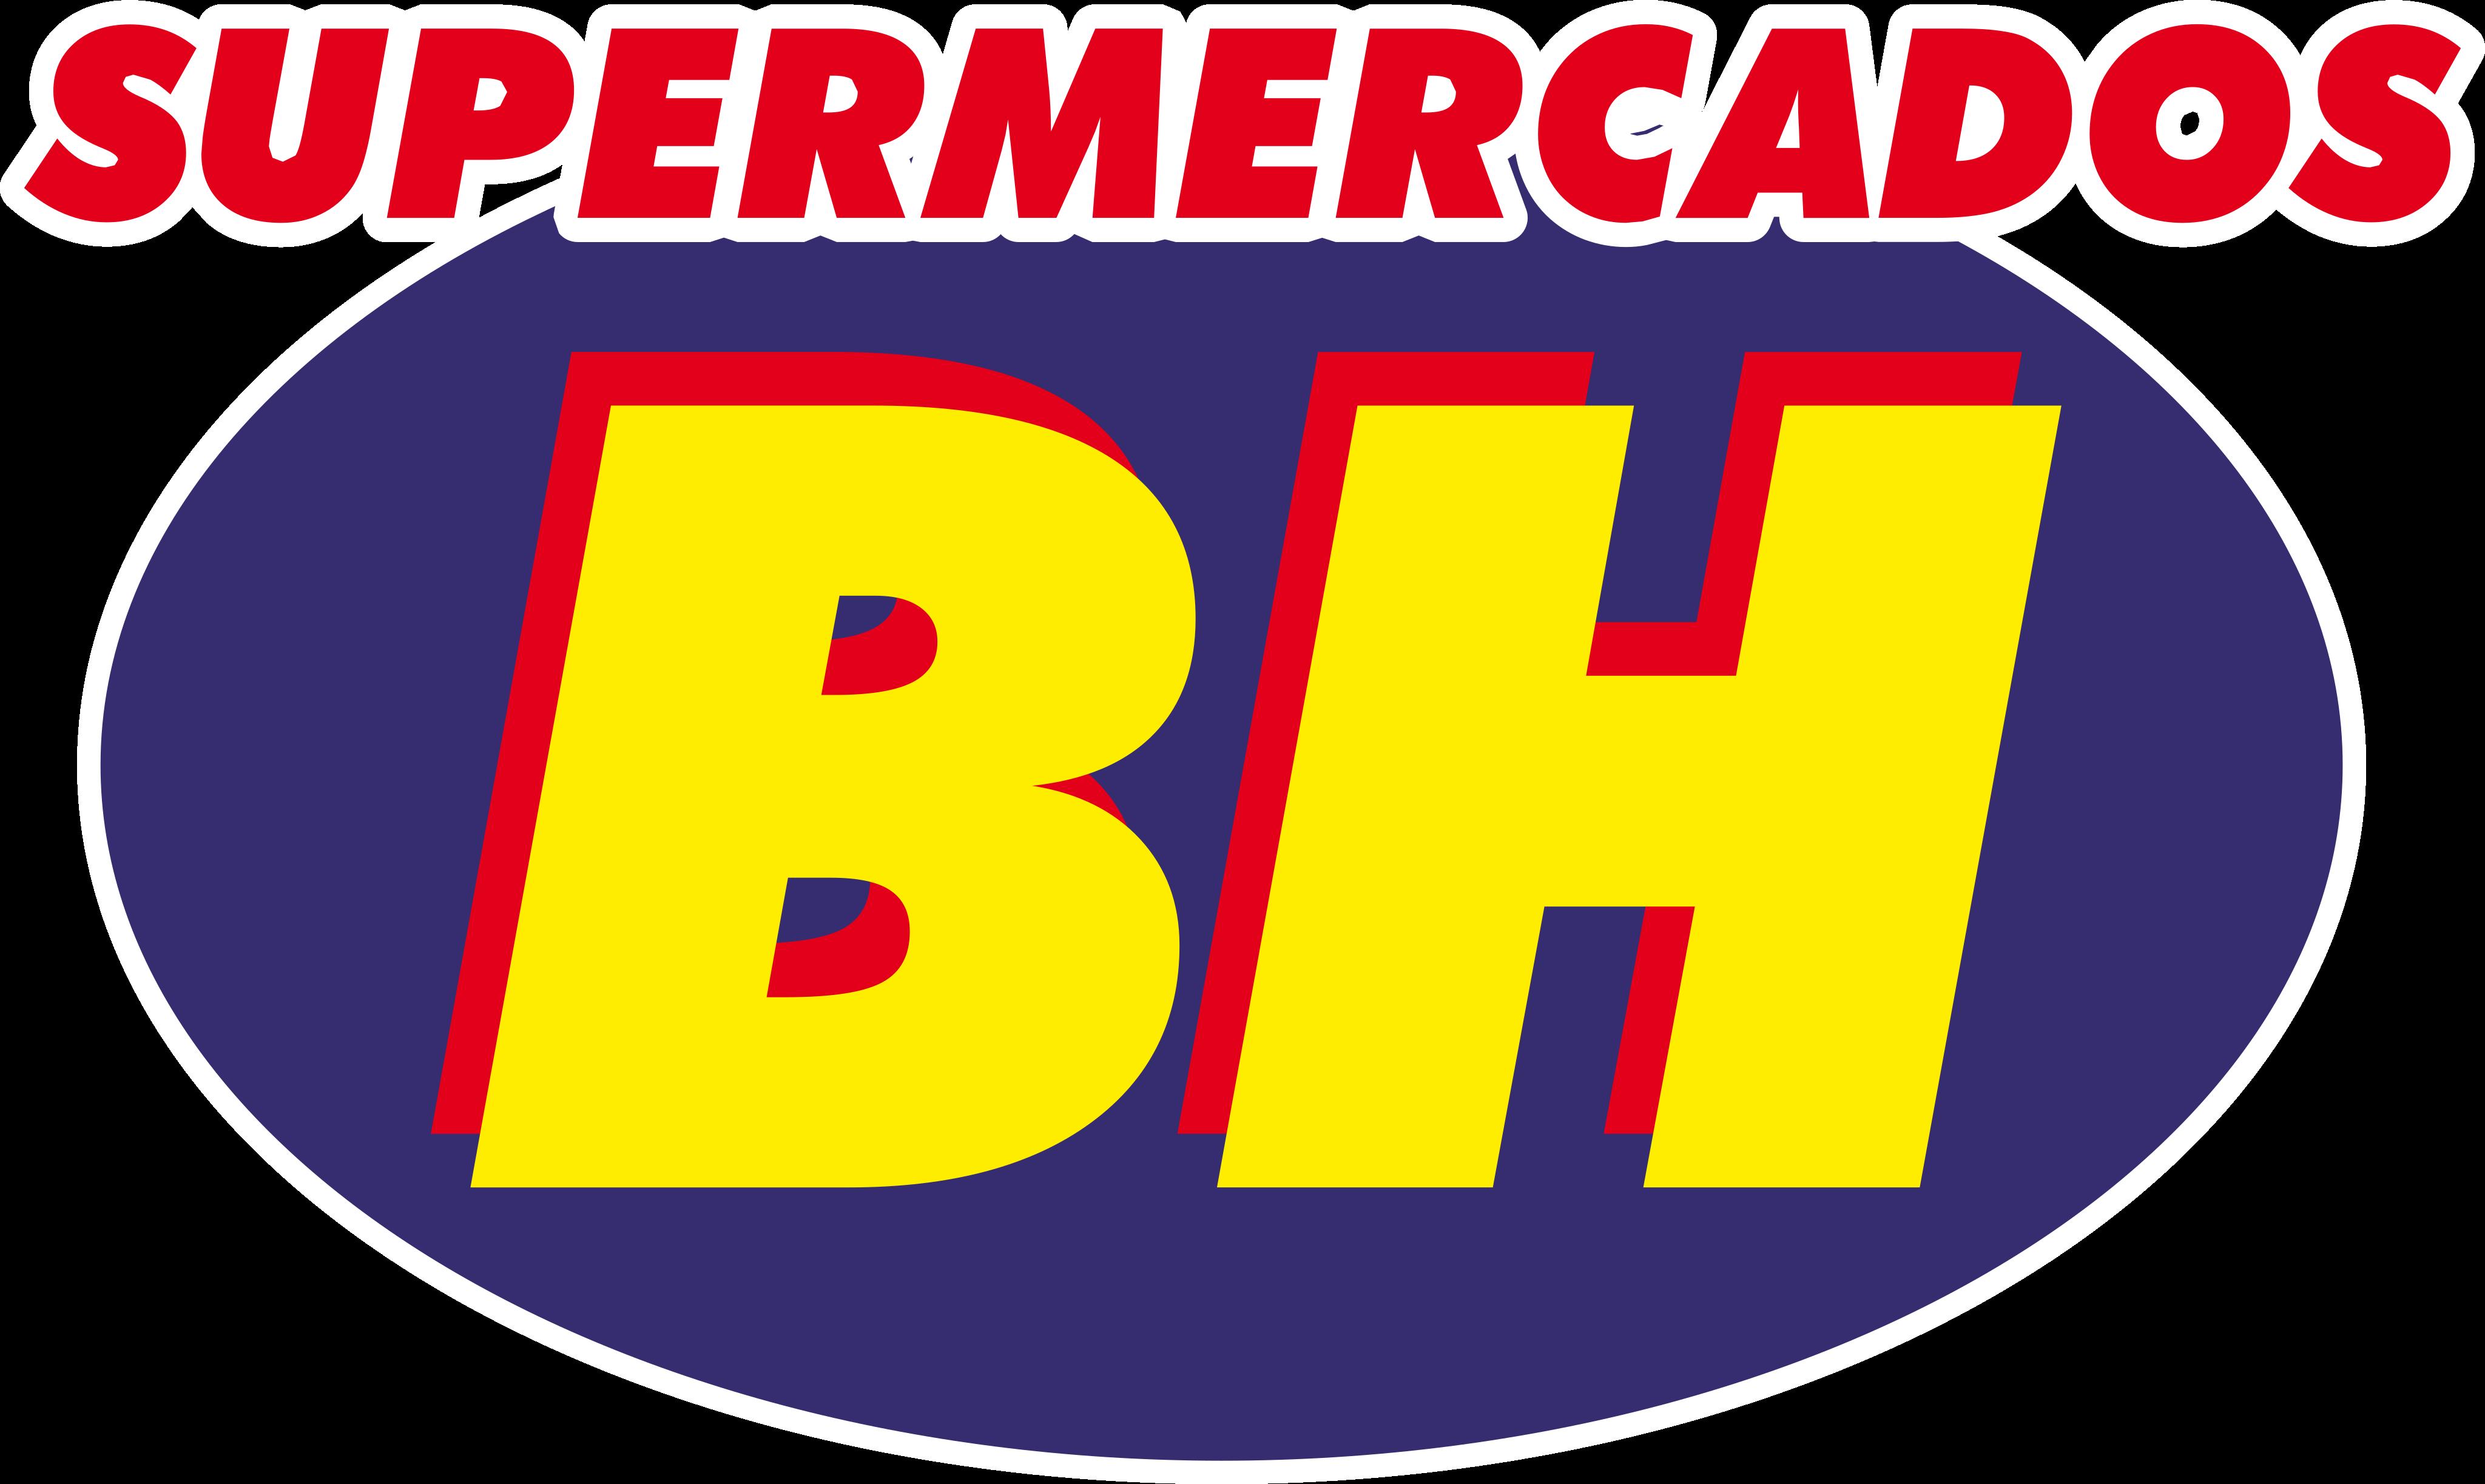 Supermercados BH Logo.